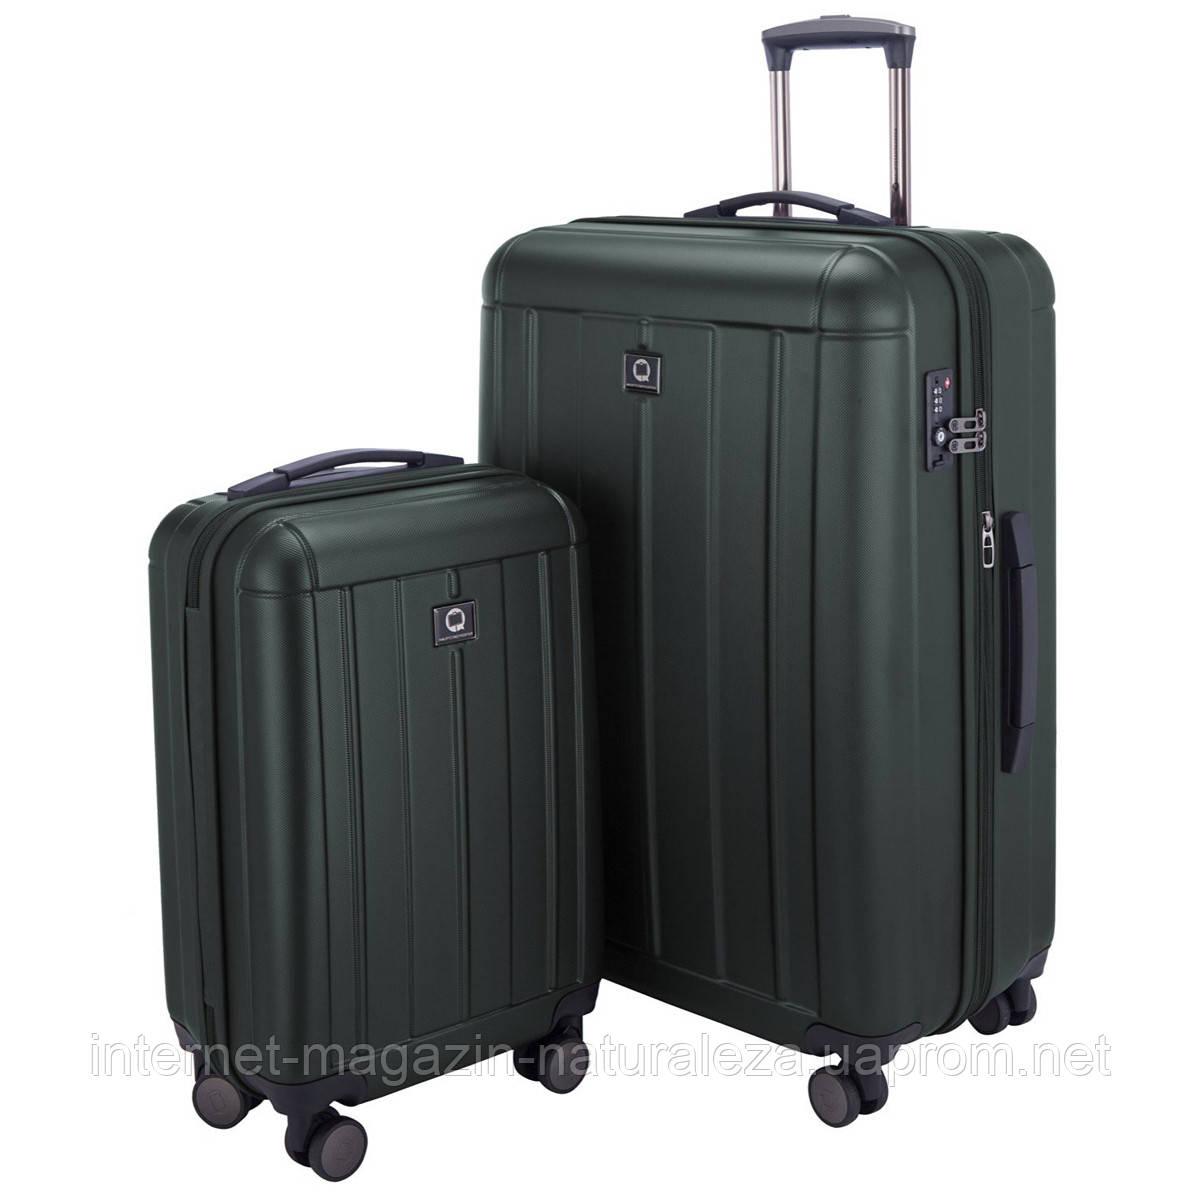 Набор чемоданов Hauptstadtkoffer Kotti темно-зеленый матовый